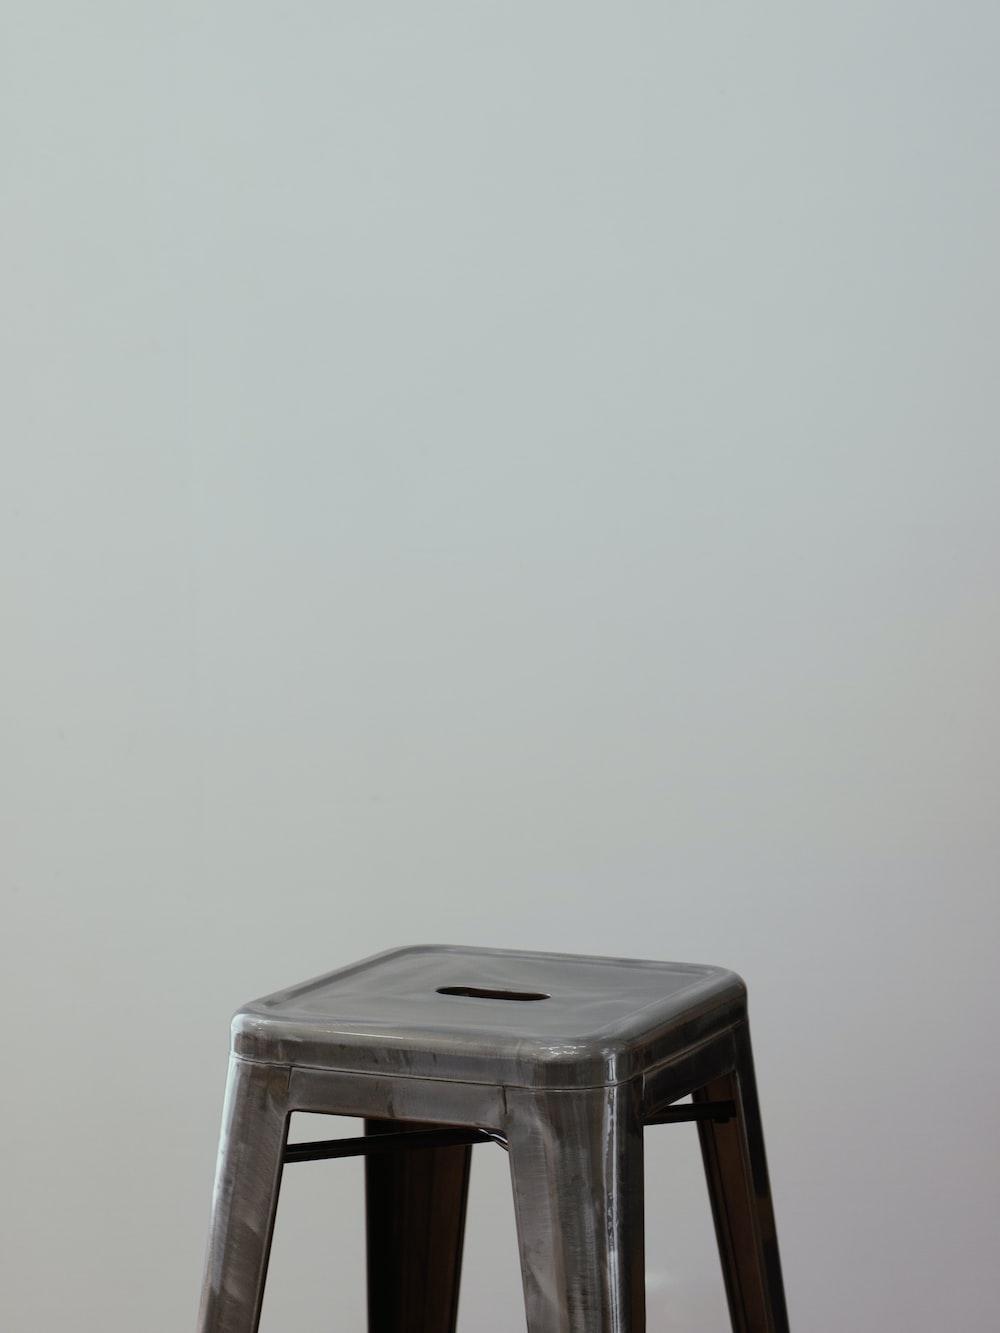 white plastic stool beside white wall